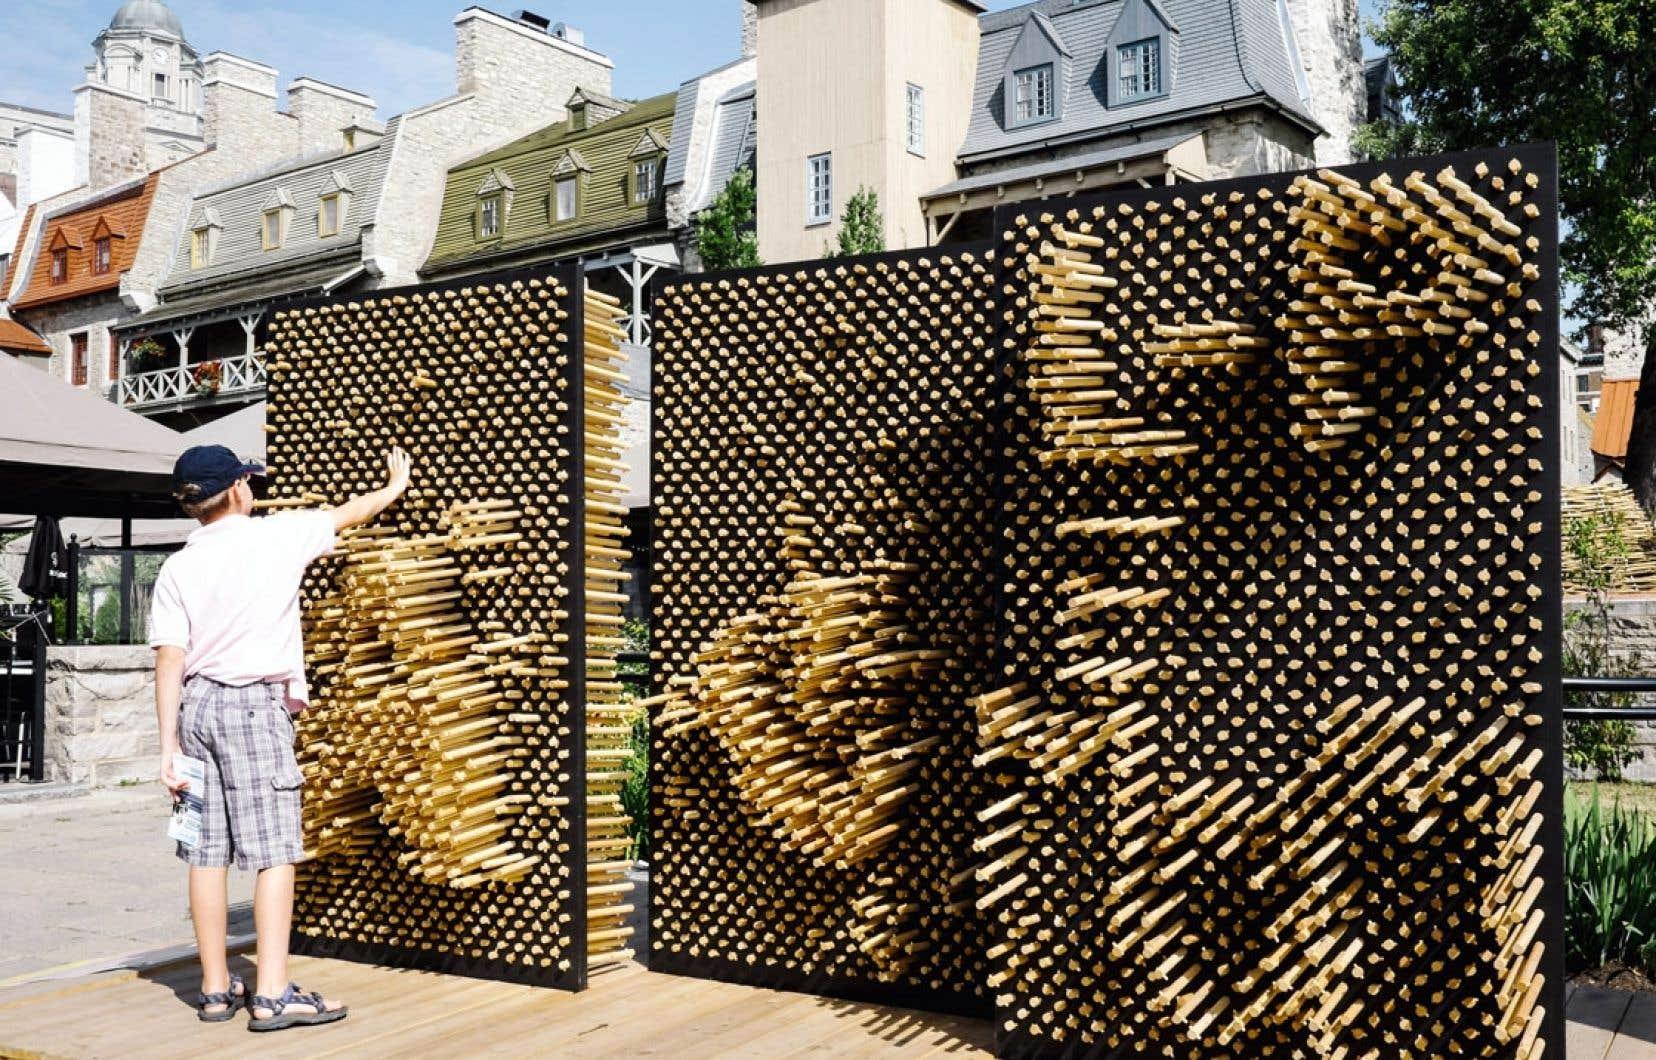 Les passants dessinent ce qui leur plaît, en poussant des goujons d'un côté et de l'autre de la paroi de l'œuvre Pousse une souche, sise rue du Marché-Champlain. L'œuvre d'art public, présentée dans le cadre de Passages insolites, est inspirée des jeux pin press et a été réalisée par le collectif 1x1x1_laboratoire de création.